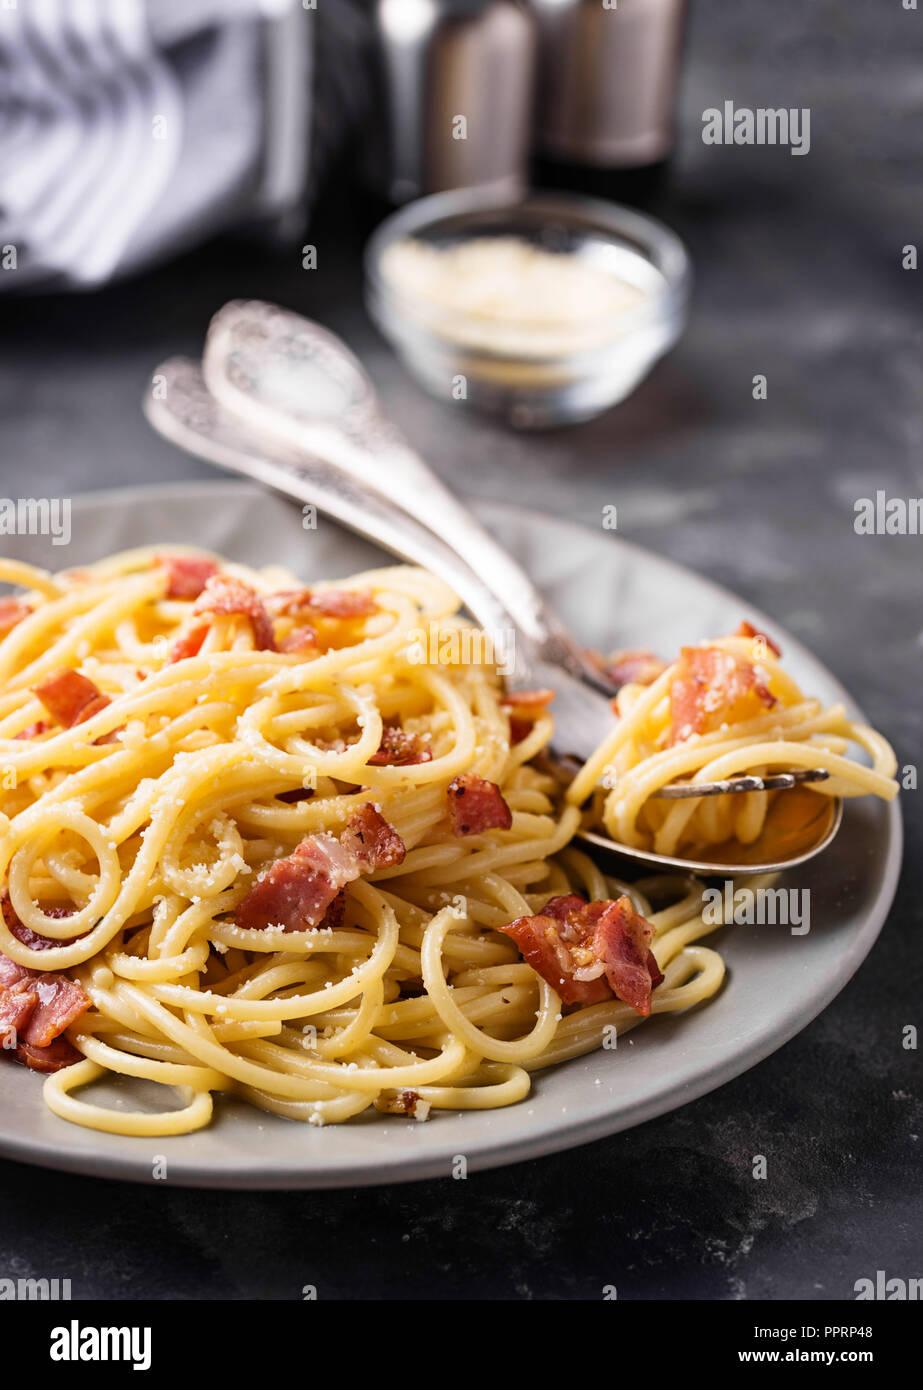 Pasta Carbonara con tocino y queso parmesano Imagen De Stock